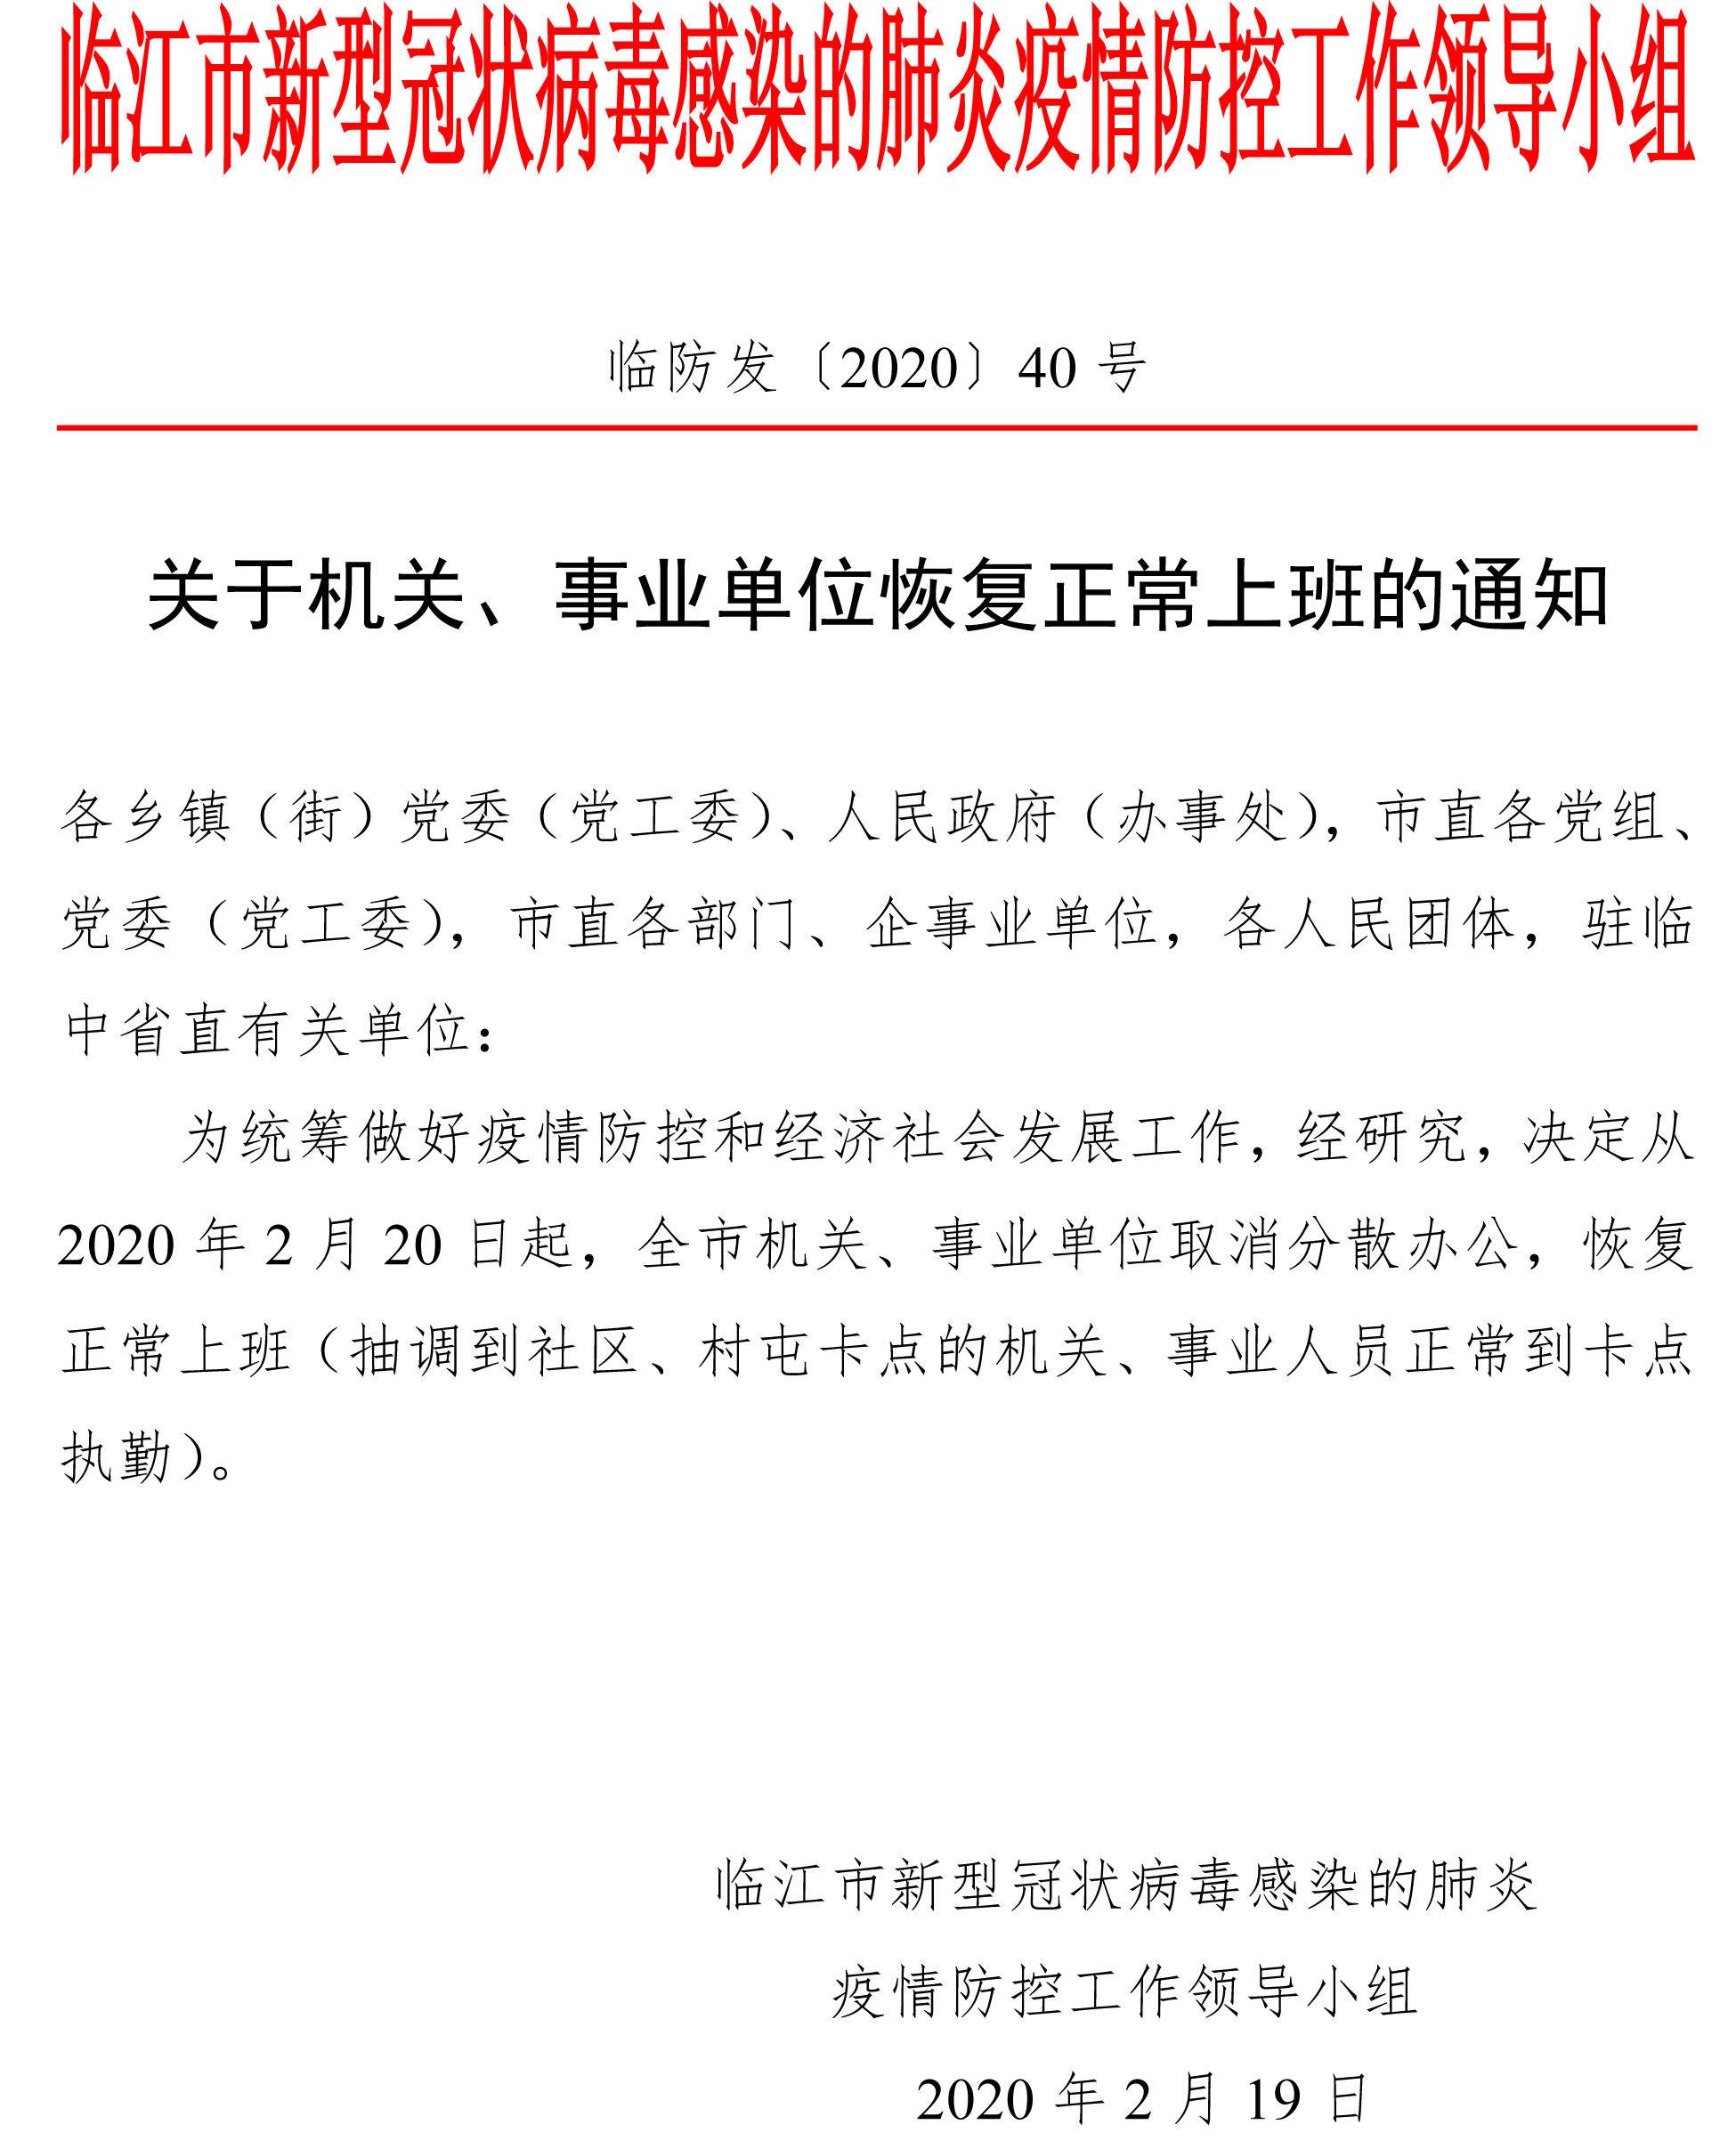 临江发布:关于机关、事业单位恢复正常上班的通知